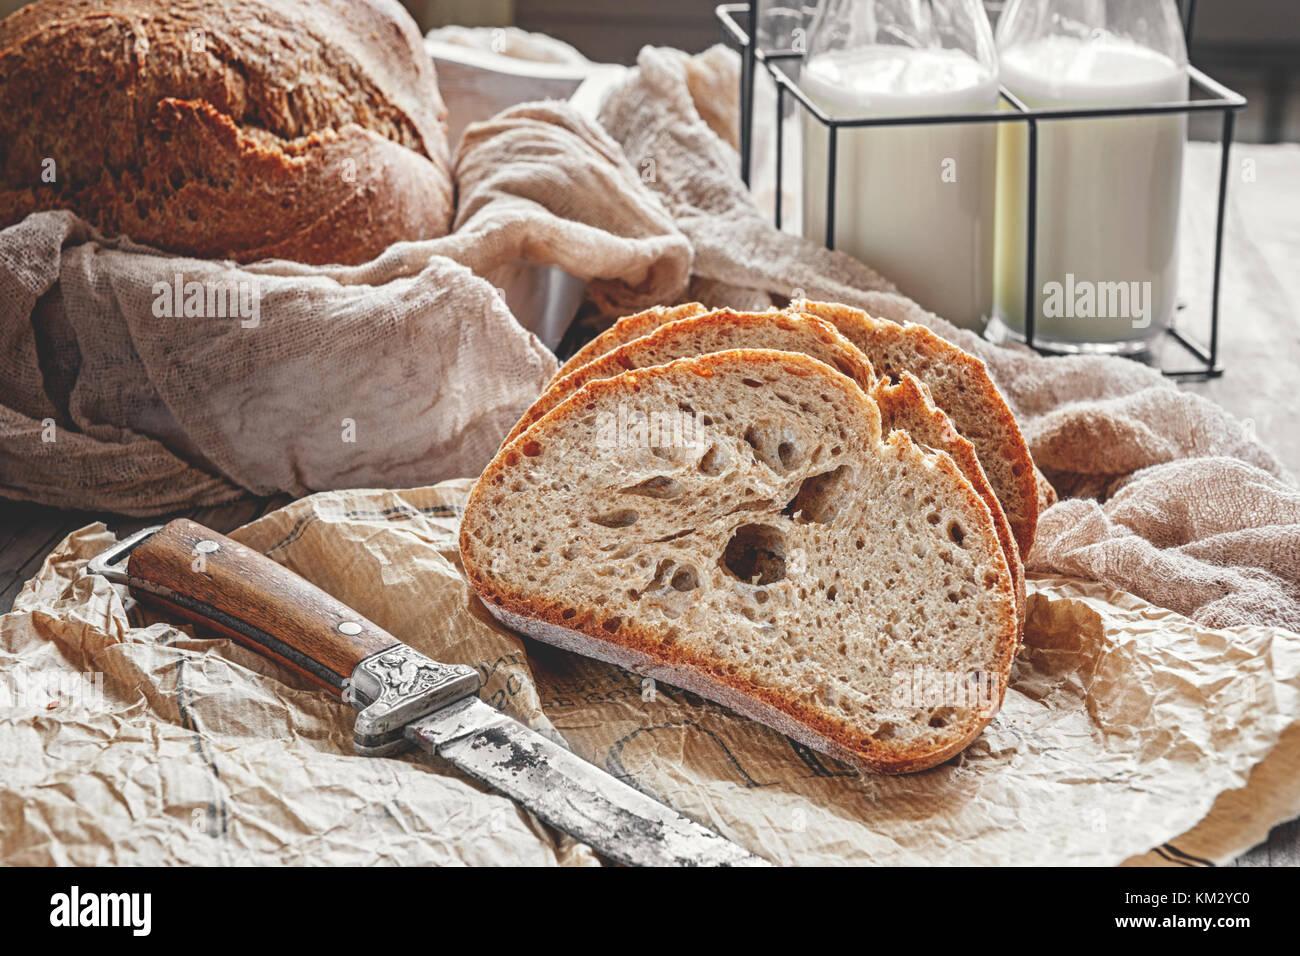 Una hermosa hogaza de pan de masa fermentada de trigo blanco en una placa en un borde de lino. pasteles caseros. Imagen De Stock